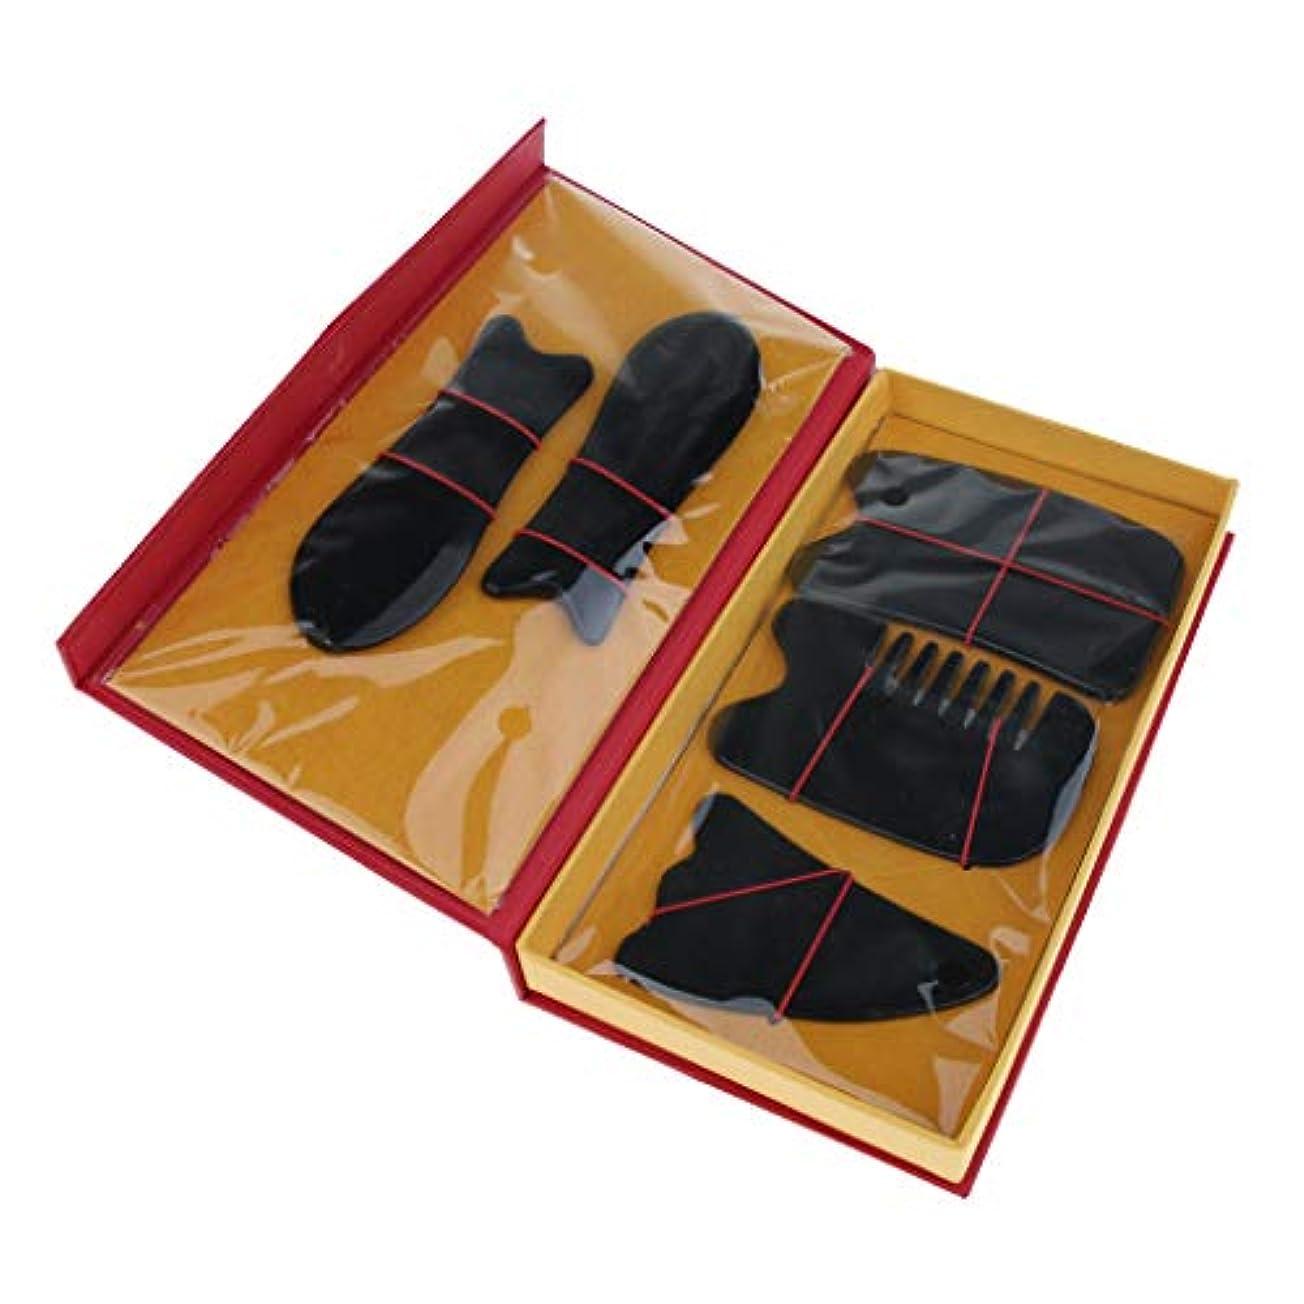 チューブ前述の黒くするPerfeclan 5本セット マッサージボード スクレイピングマッサージ スクレーパーツール 2色選べ - ブラック